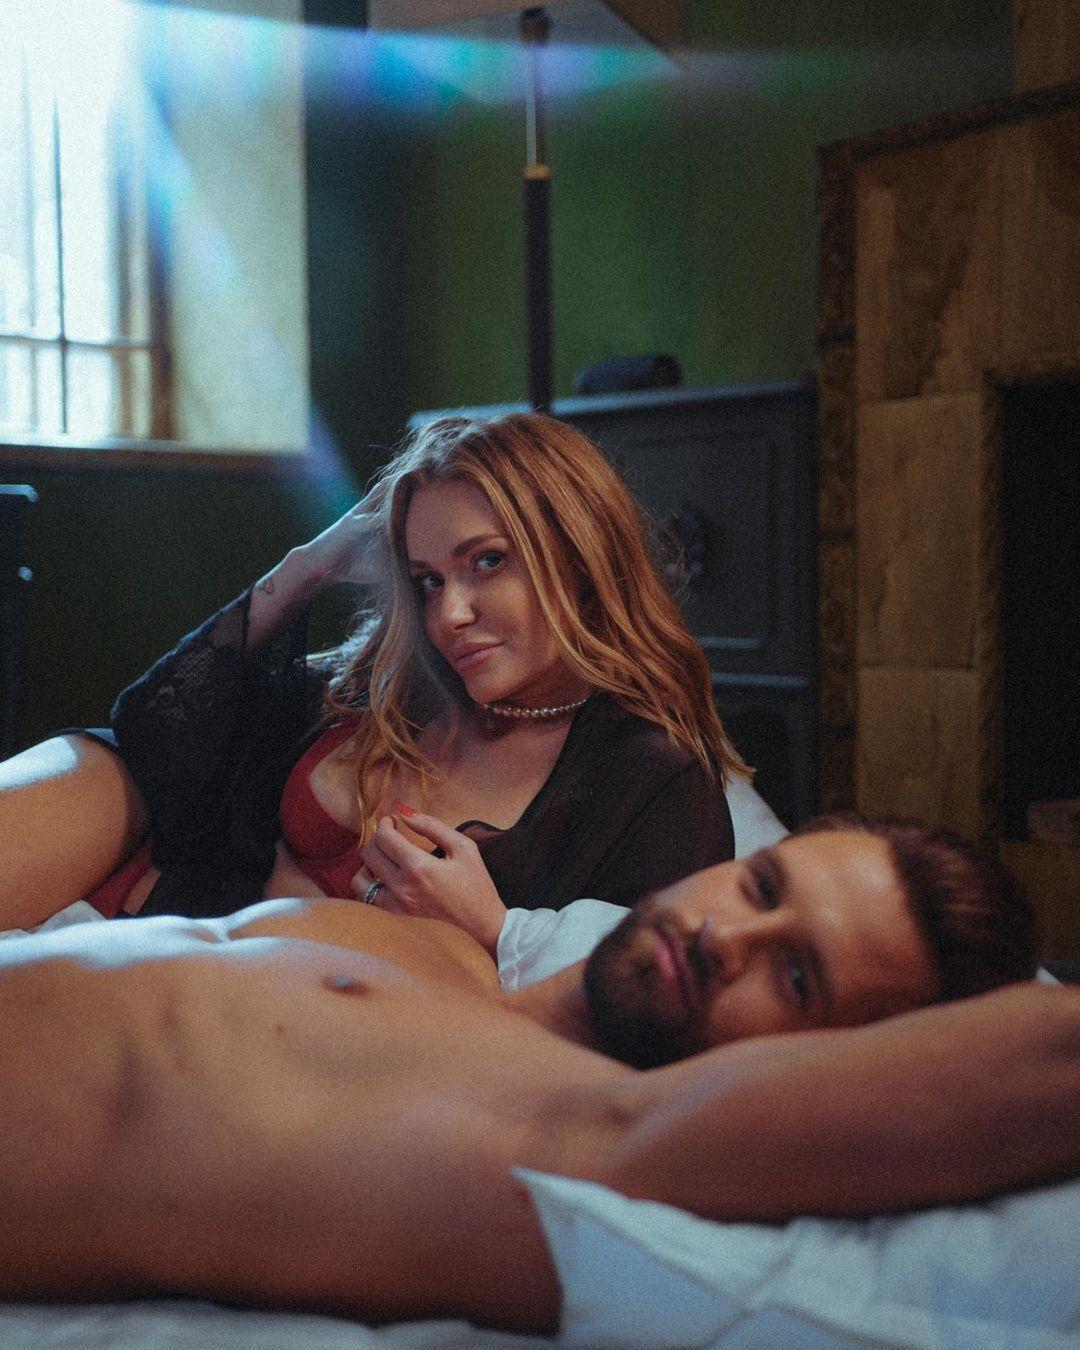 Слава Камінська позує в ліжку з чоловіком